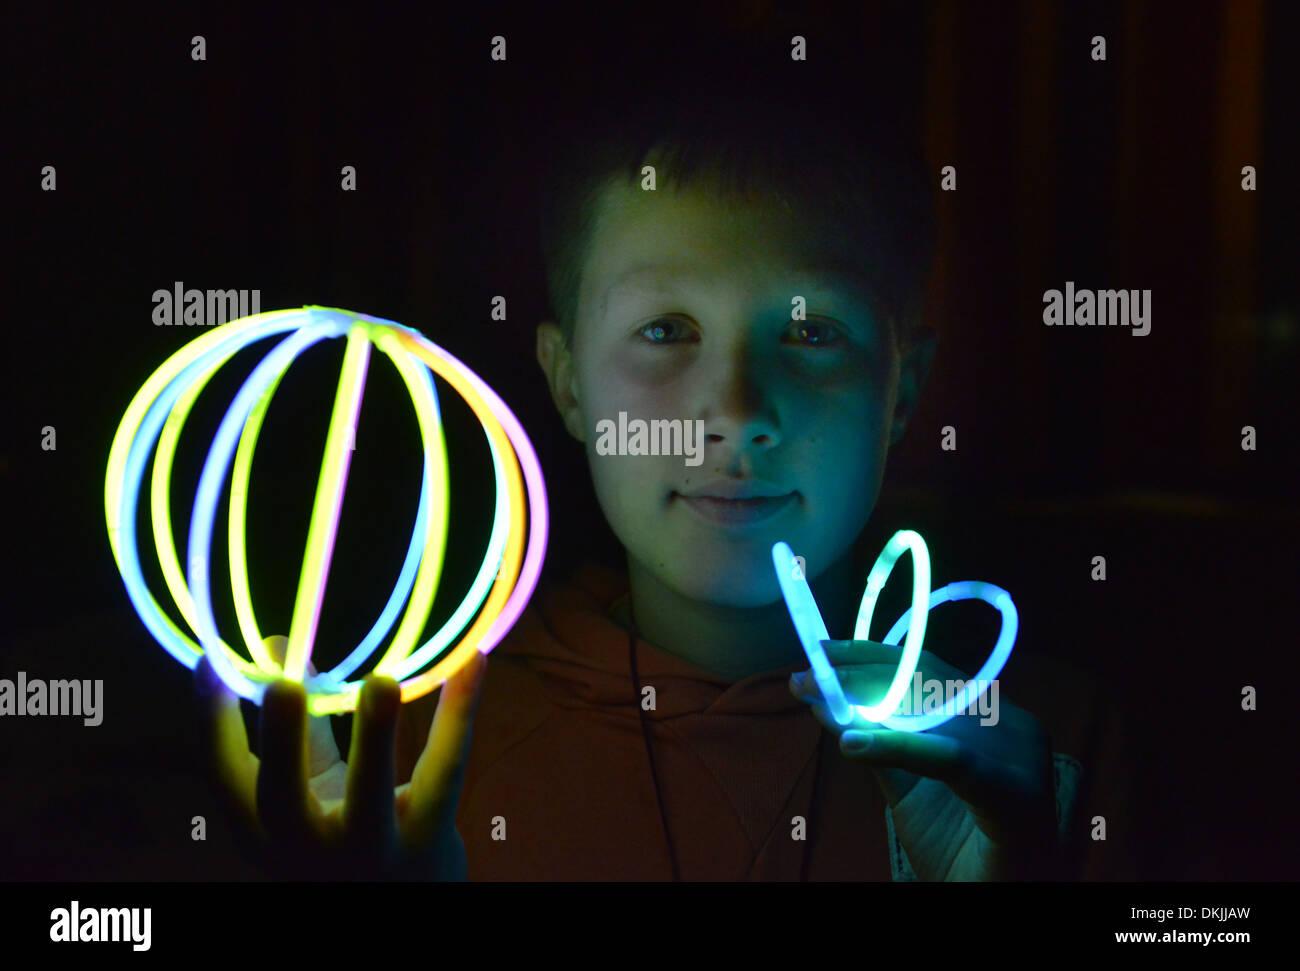 Kind, Spiel, Leuchtstaebe - Stock Image